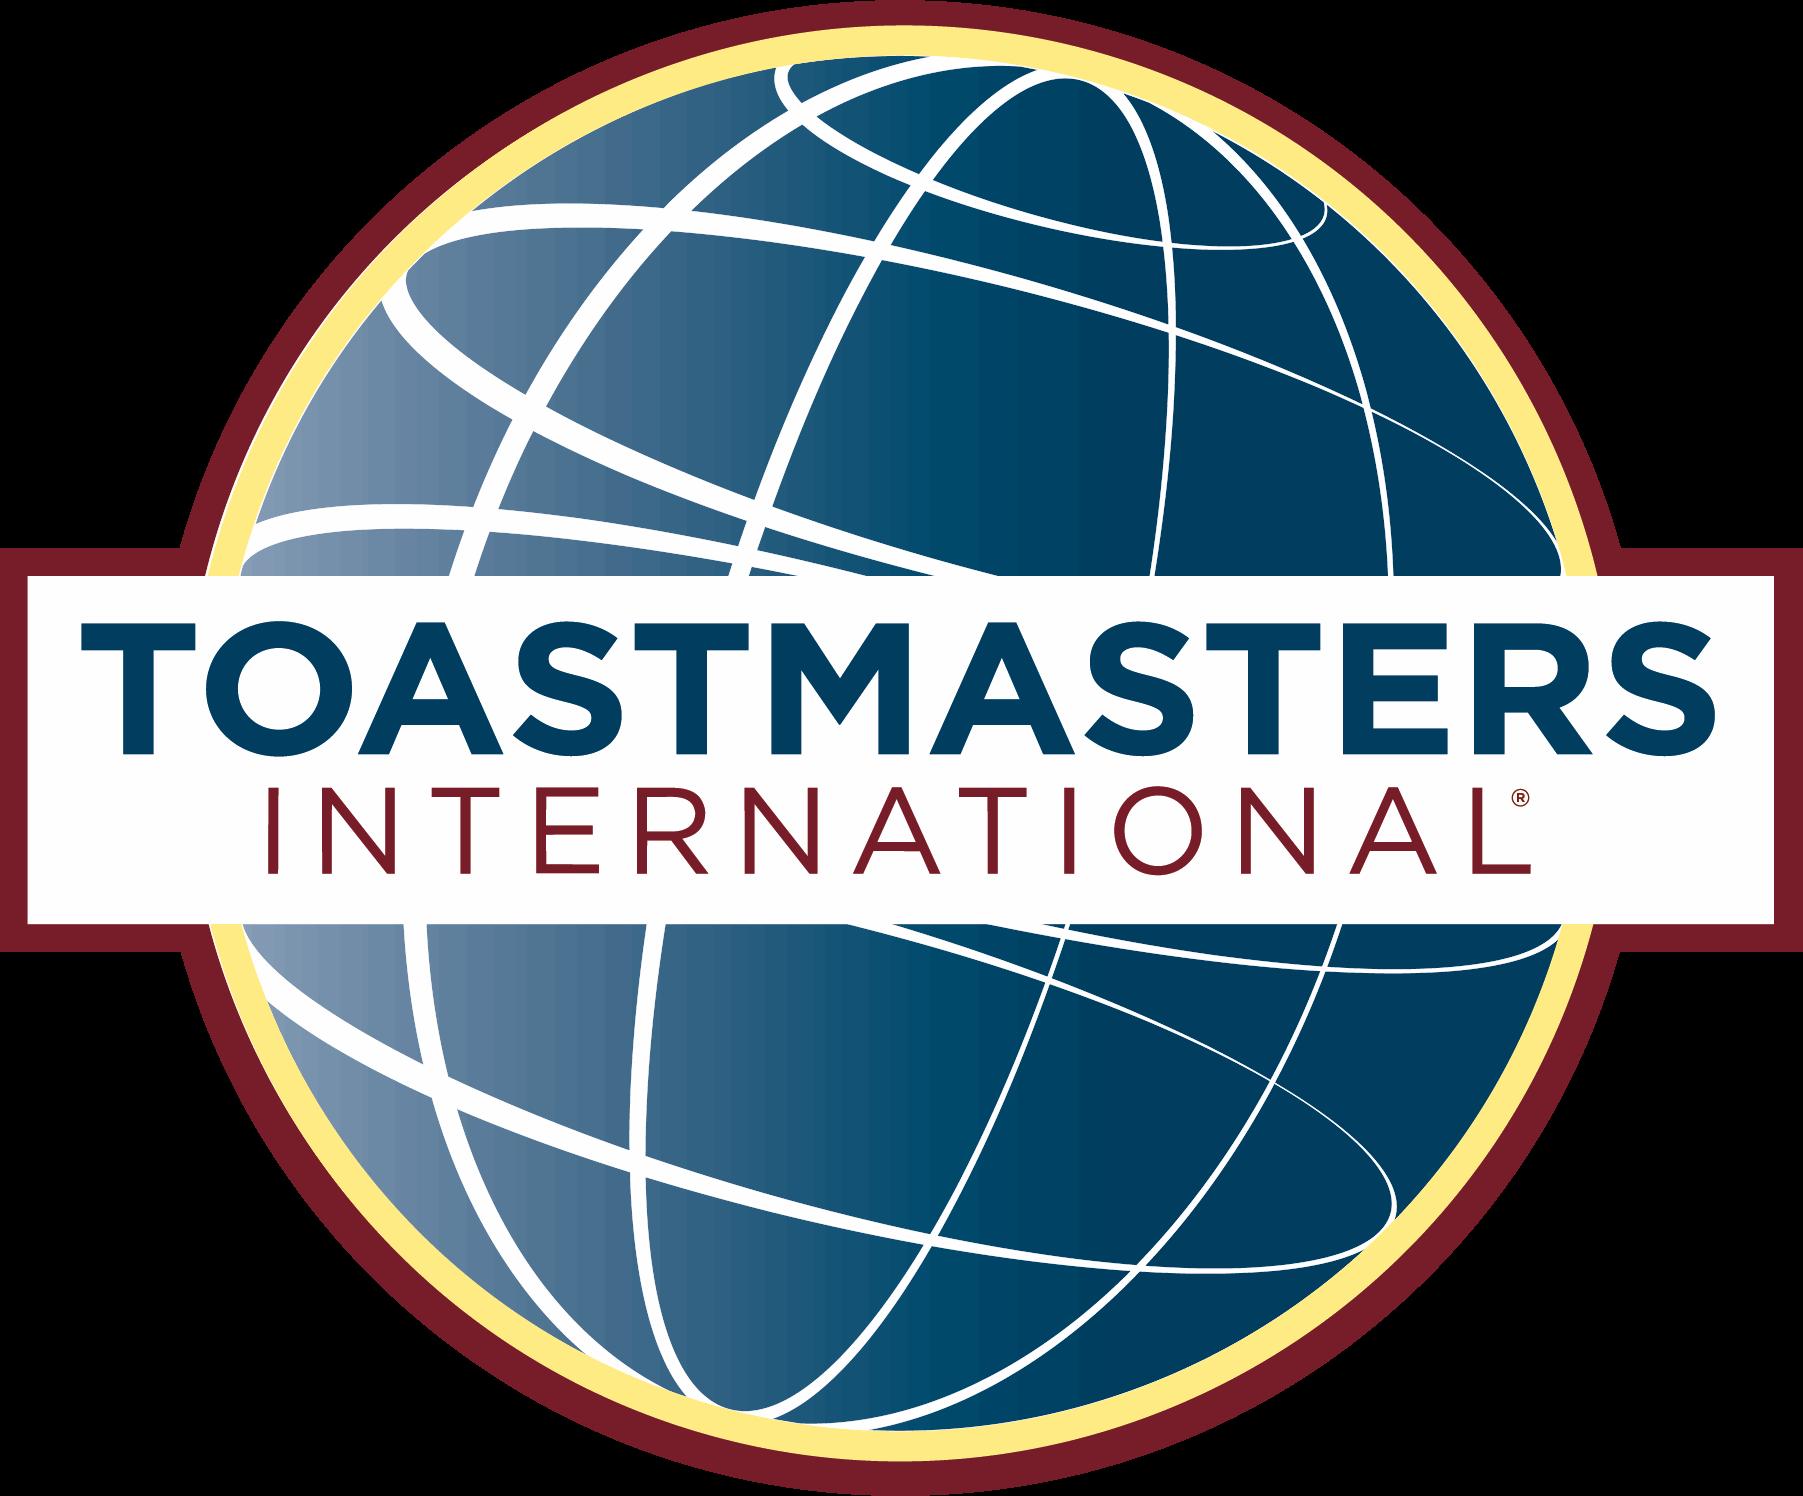 Vista Toastmasters Southwest Orlando